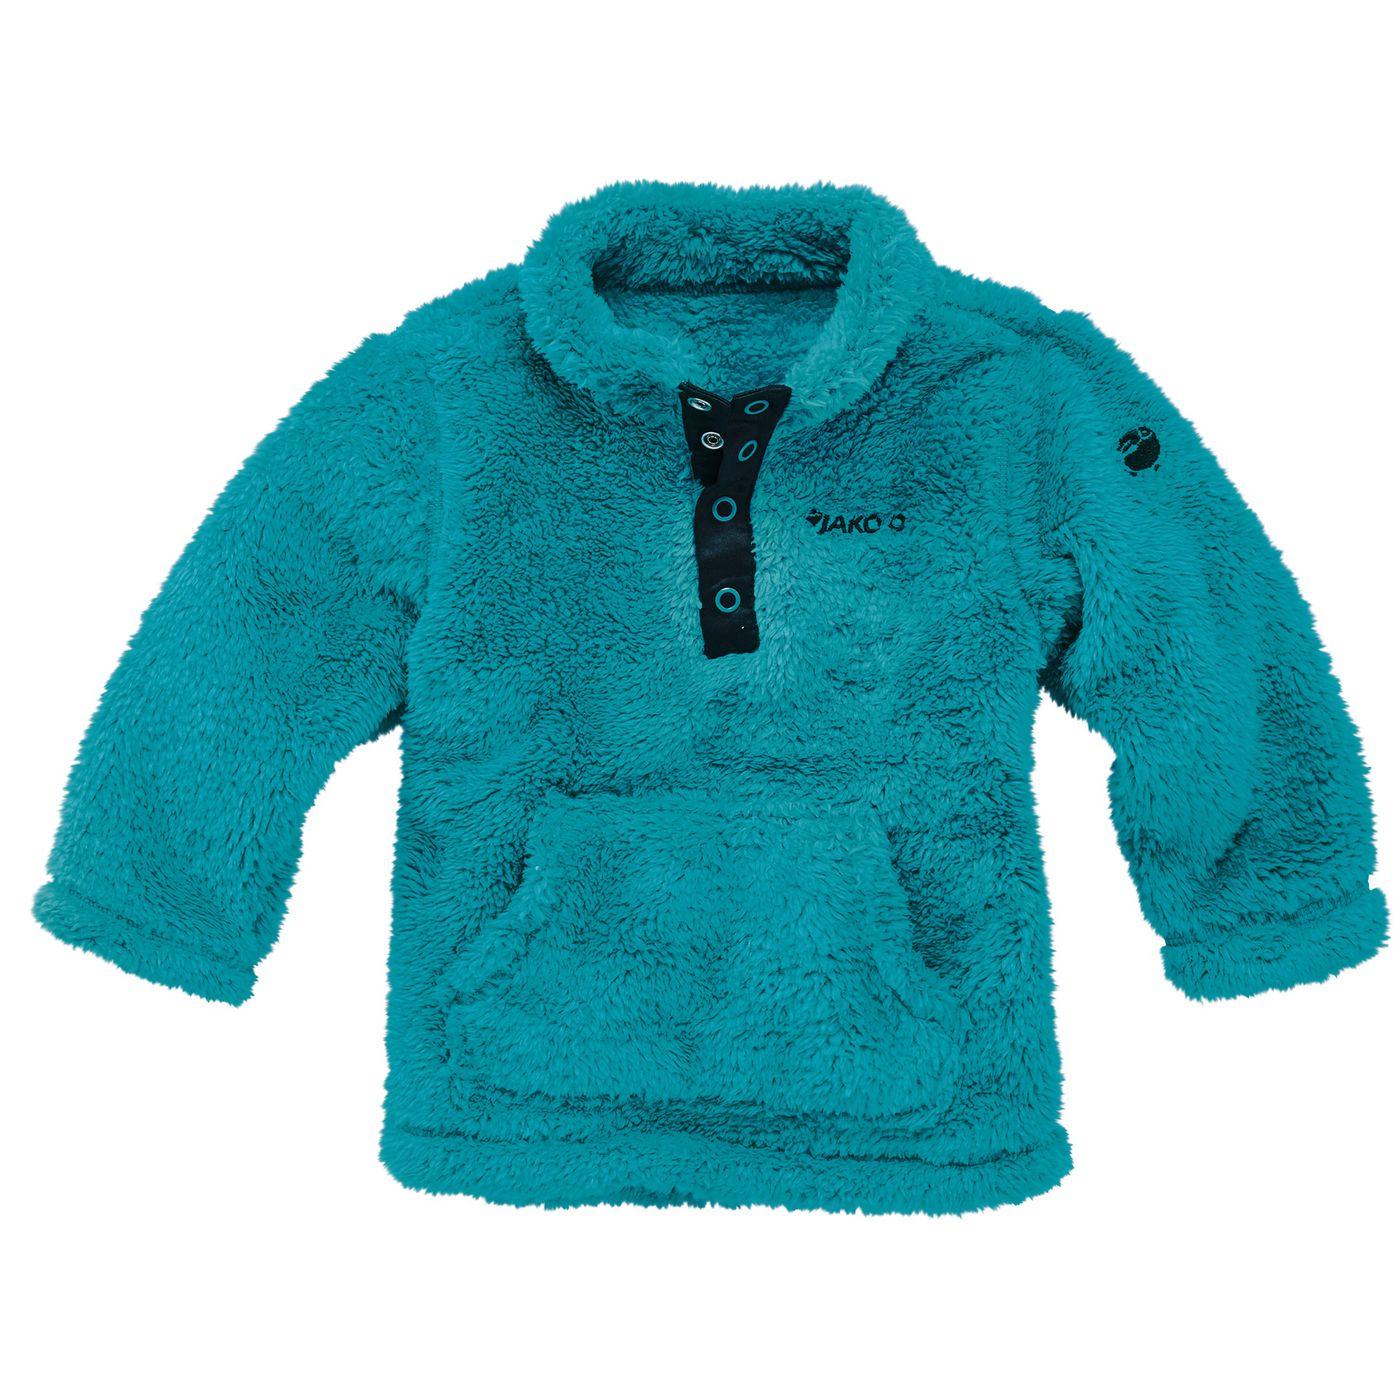 Детские флисовые свитера из микро плюша